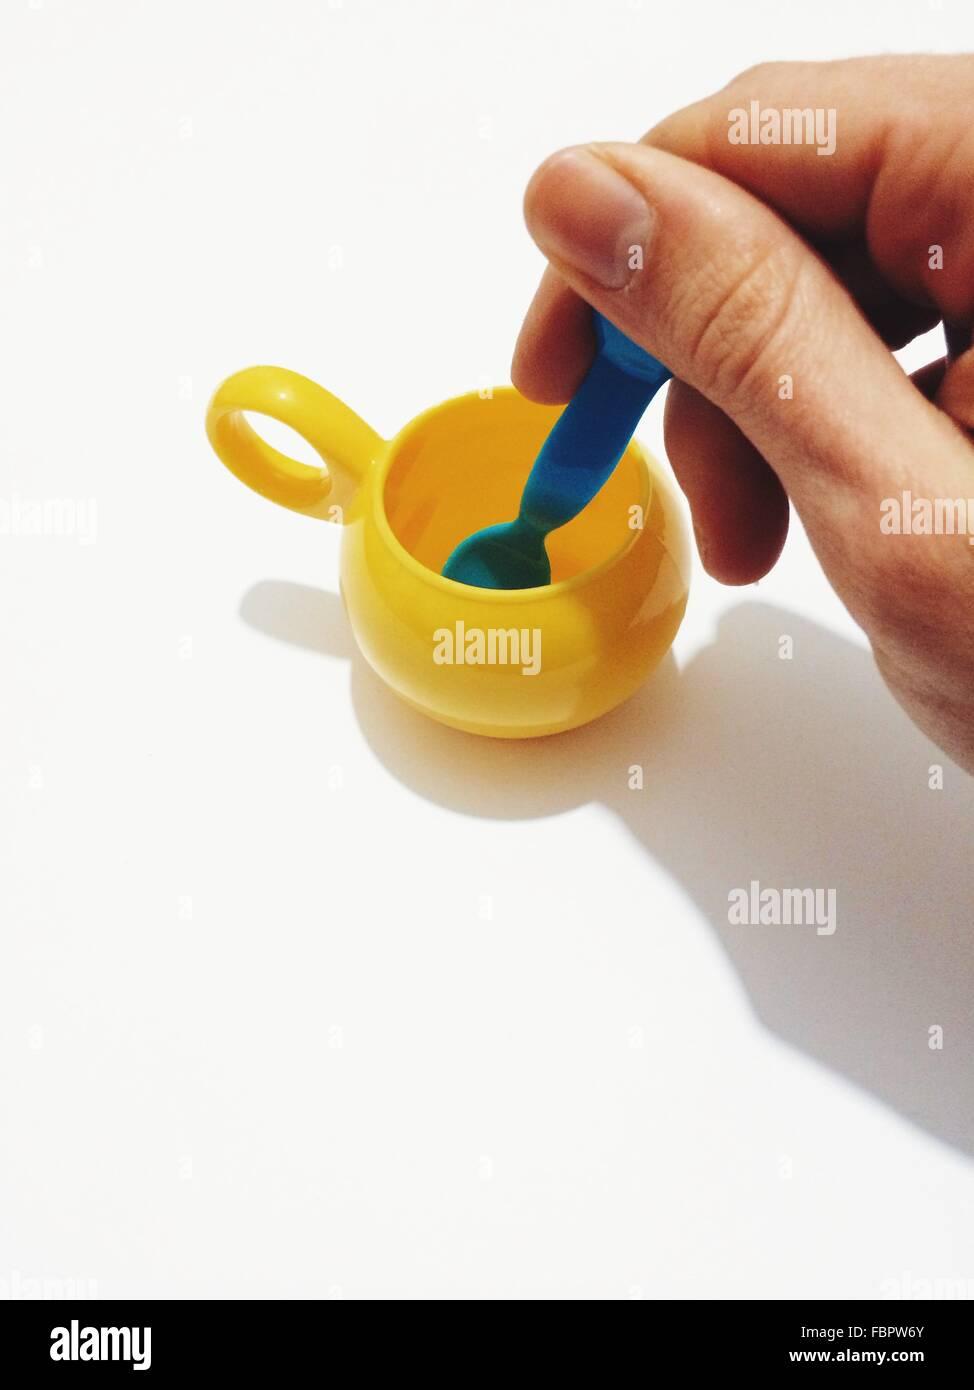 Bild des Mannes mit Spielzeug Milchtopf und Teelöffel vor weißem Hintergrund abgeschnitten Stockbild